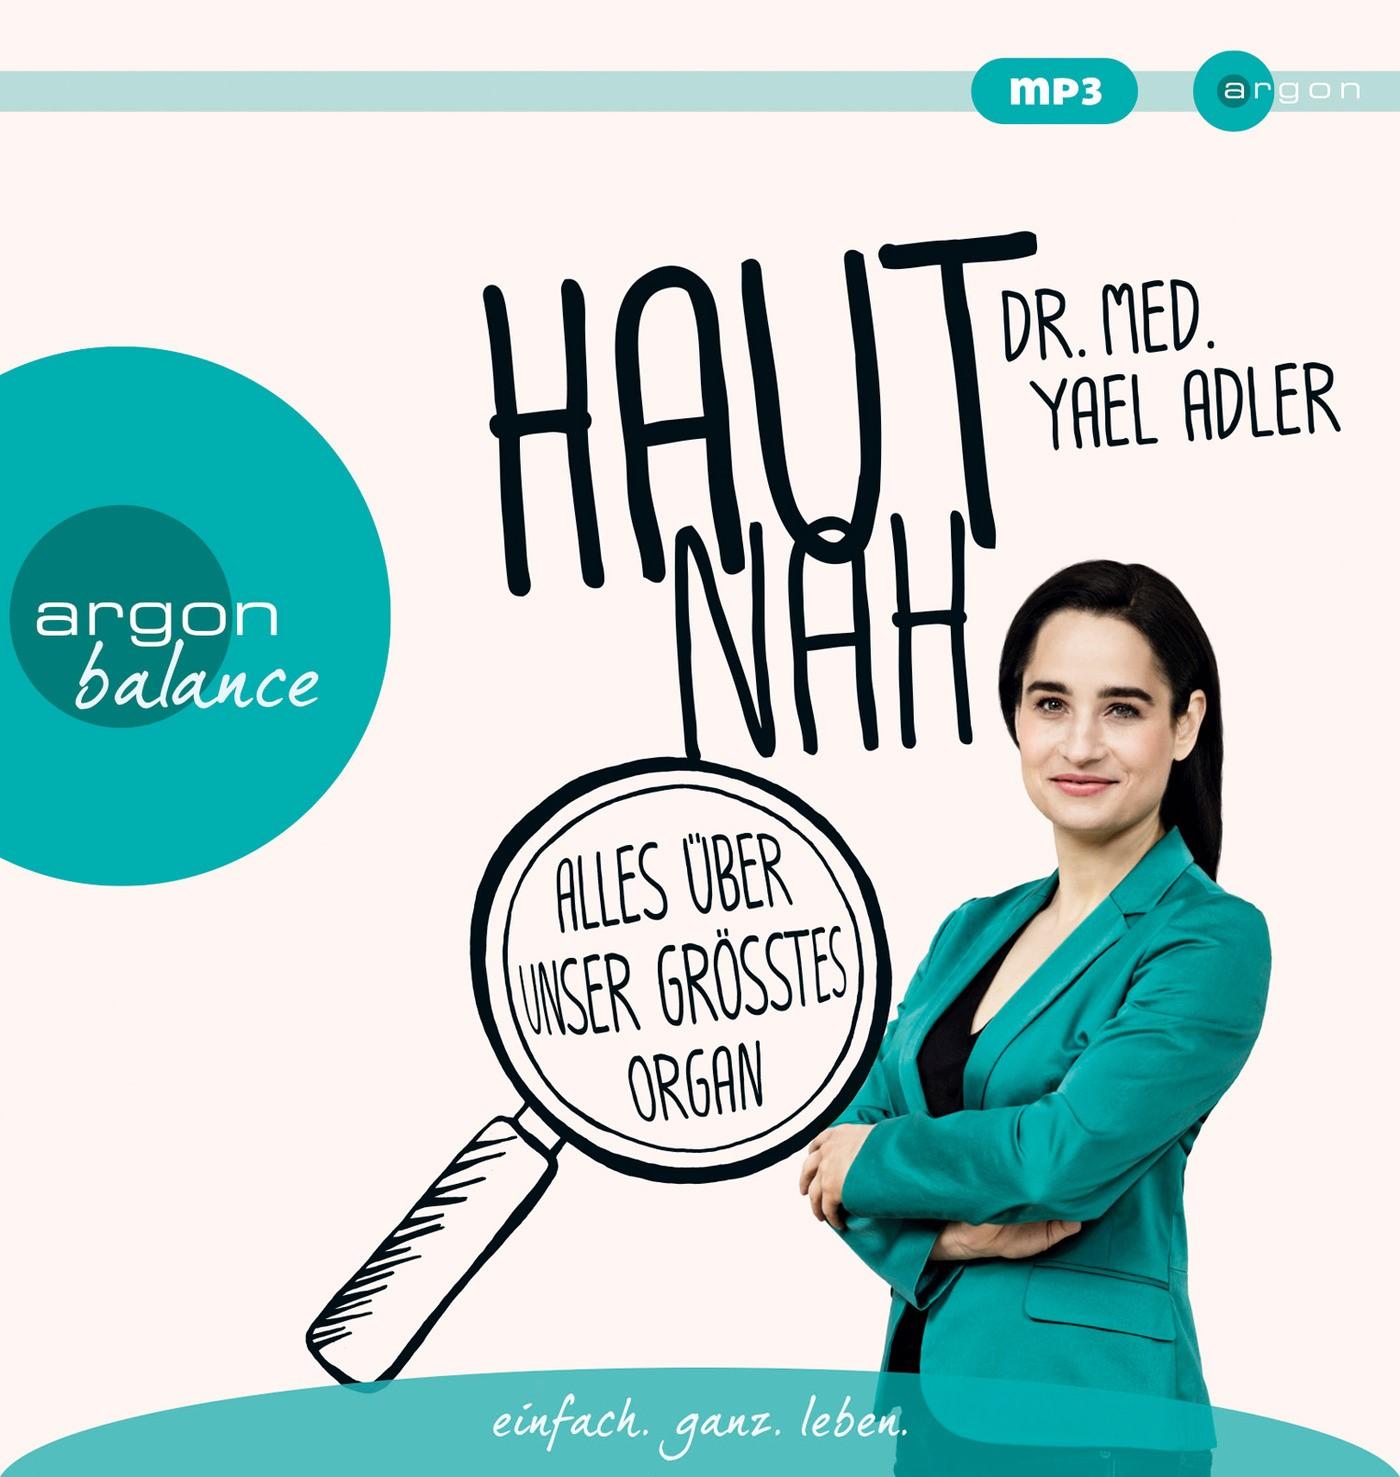 Haut nah | Adler, 2018 (Cover)